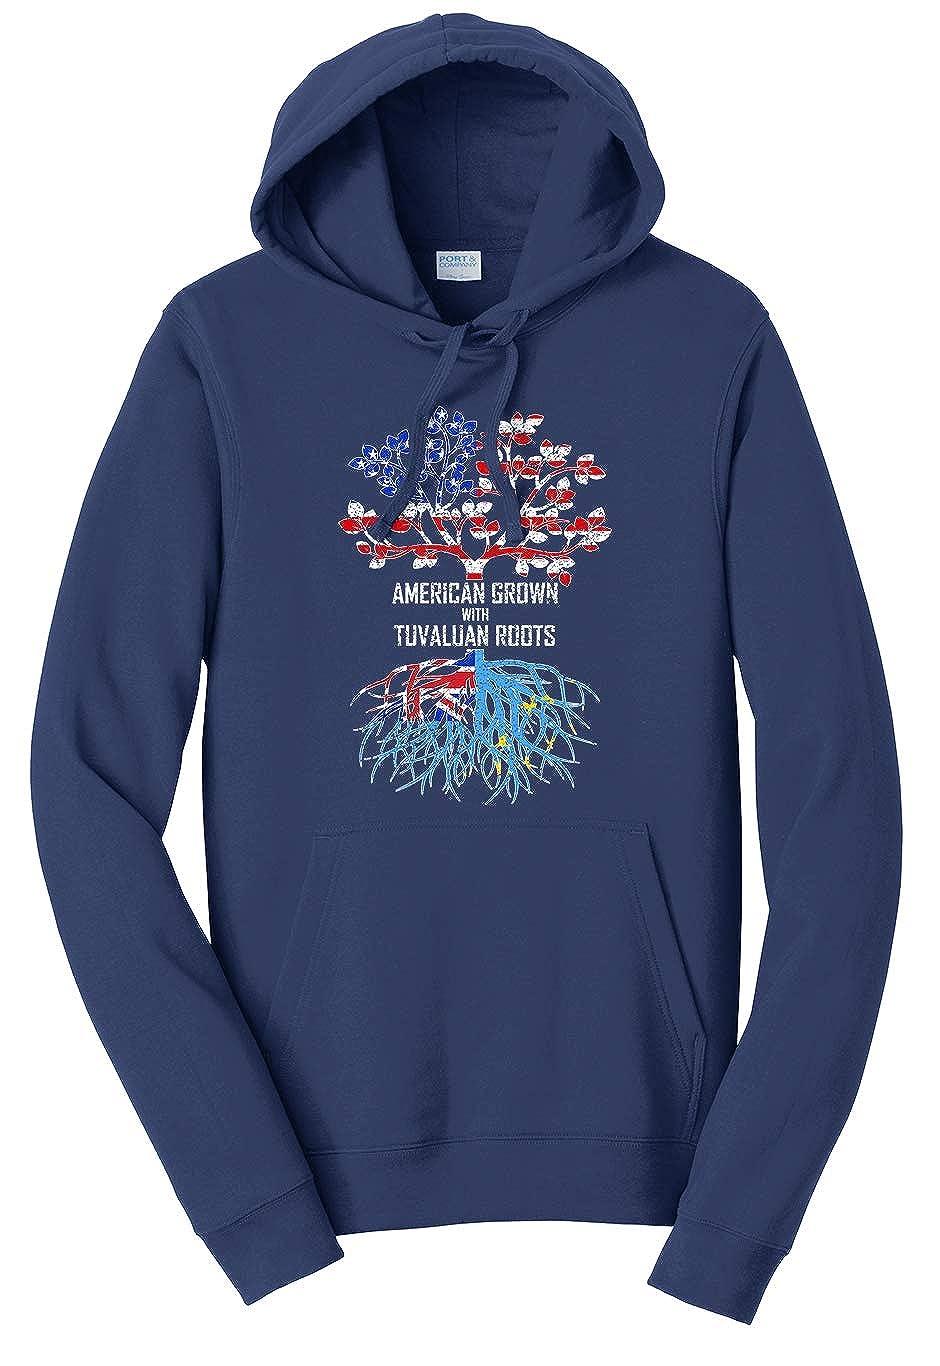 Tenacitee Unisex American Grown with Tuvaluan Roots Sweatshirt